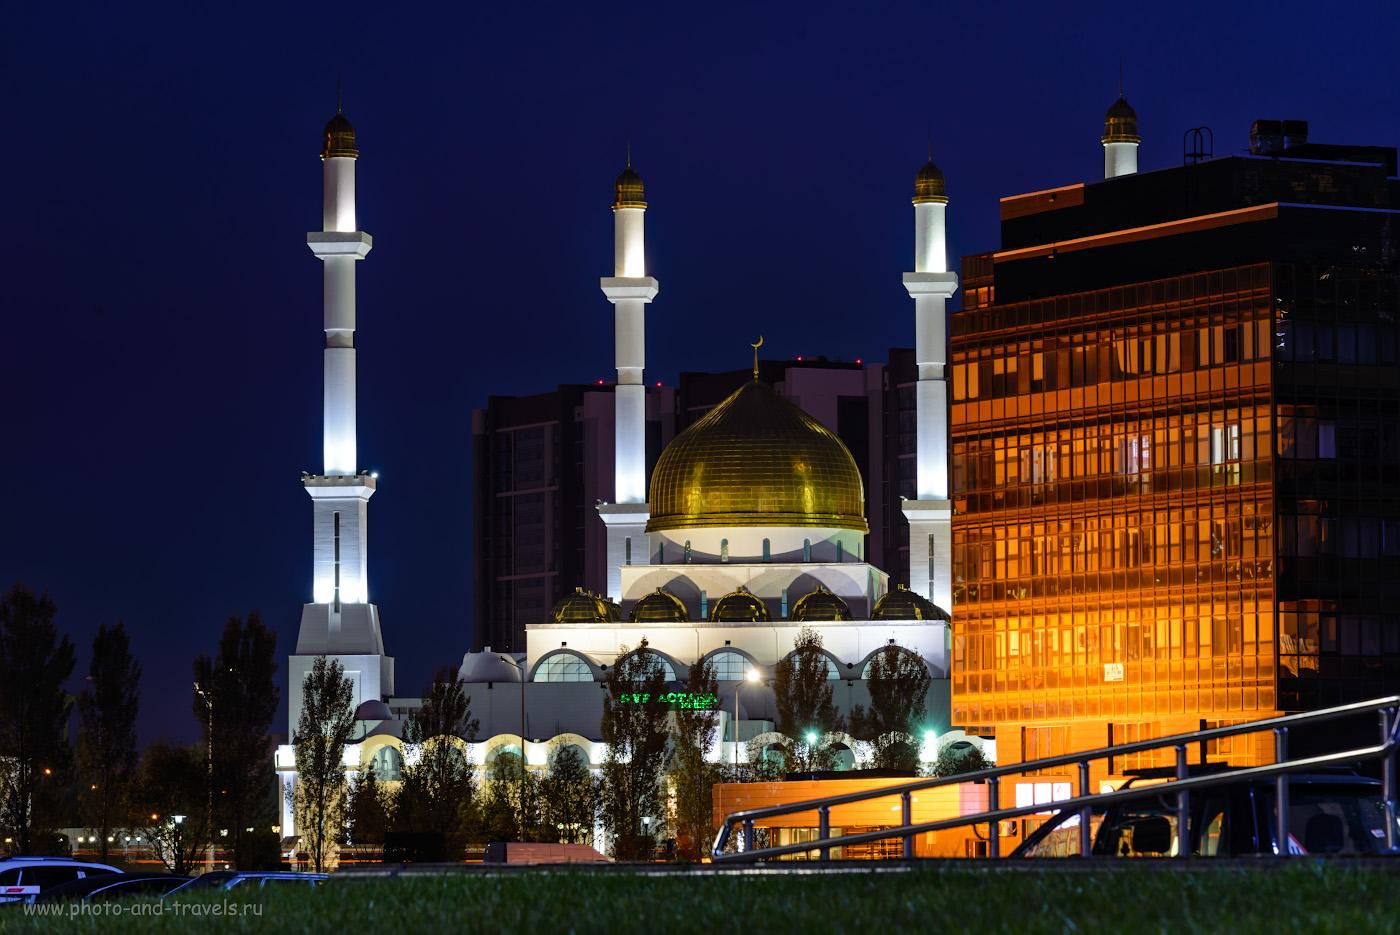 Фото 16. Мечеть Нур-Астана до постройки мечети Хазрет-Султан была самой большой в Центральной Азии. Какие достопримечательности посмотреть в столице Казахстана за день. 3.0, +0.67, 9.0, 100, 150.